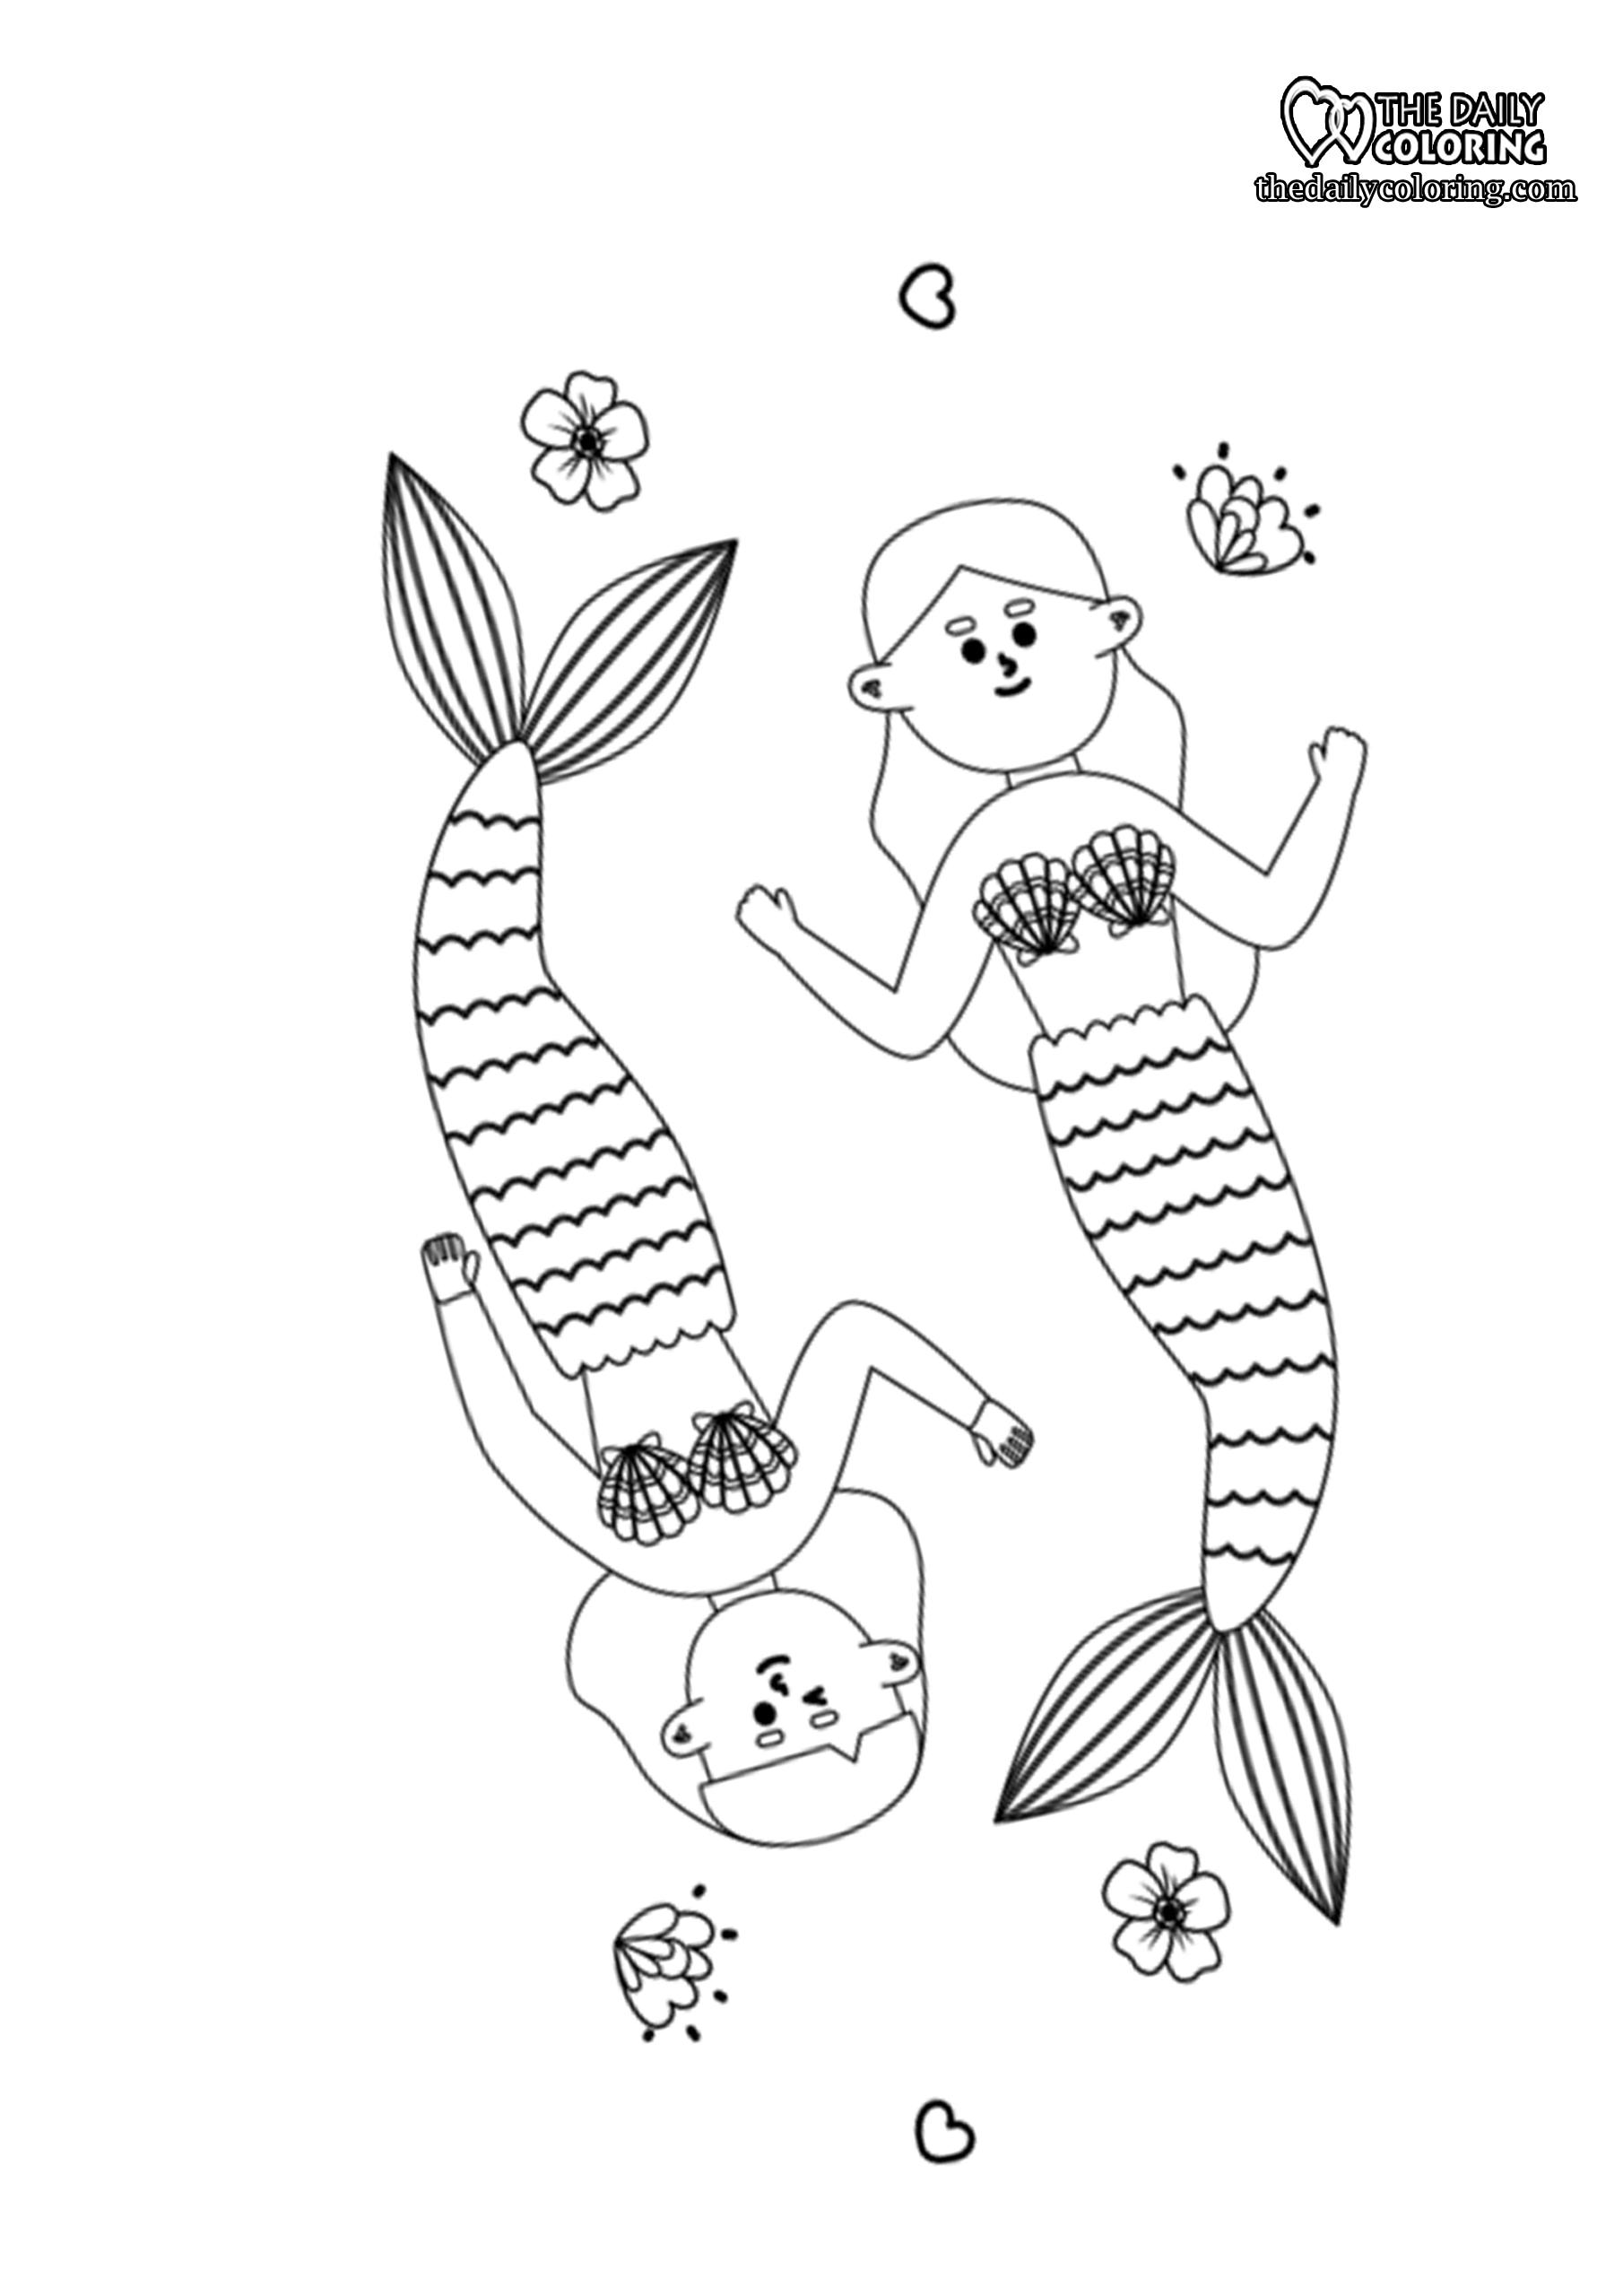 mermaid-coloring-page